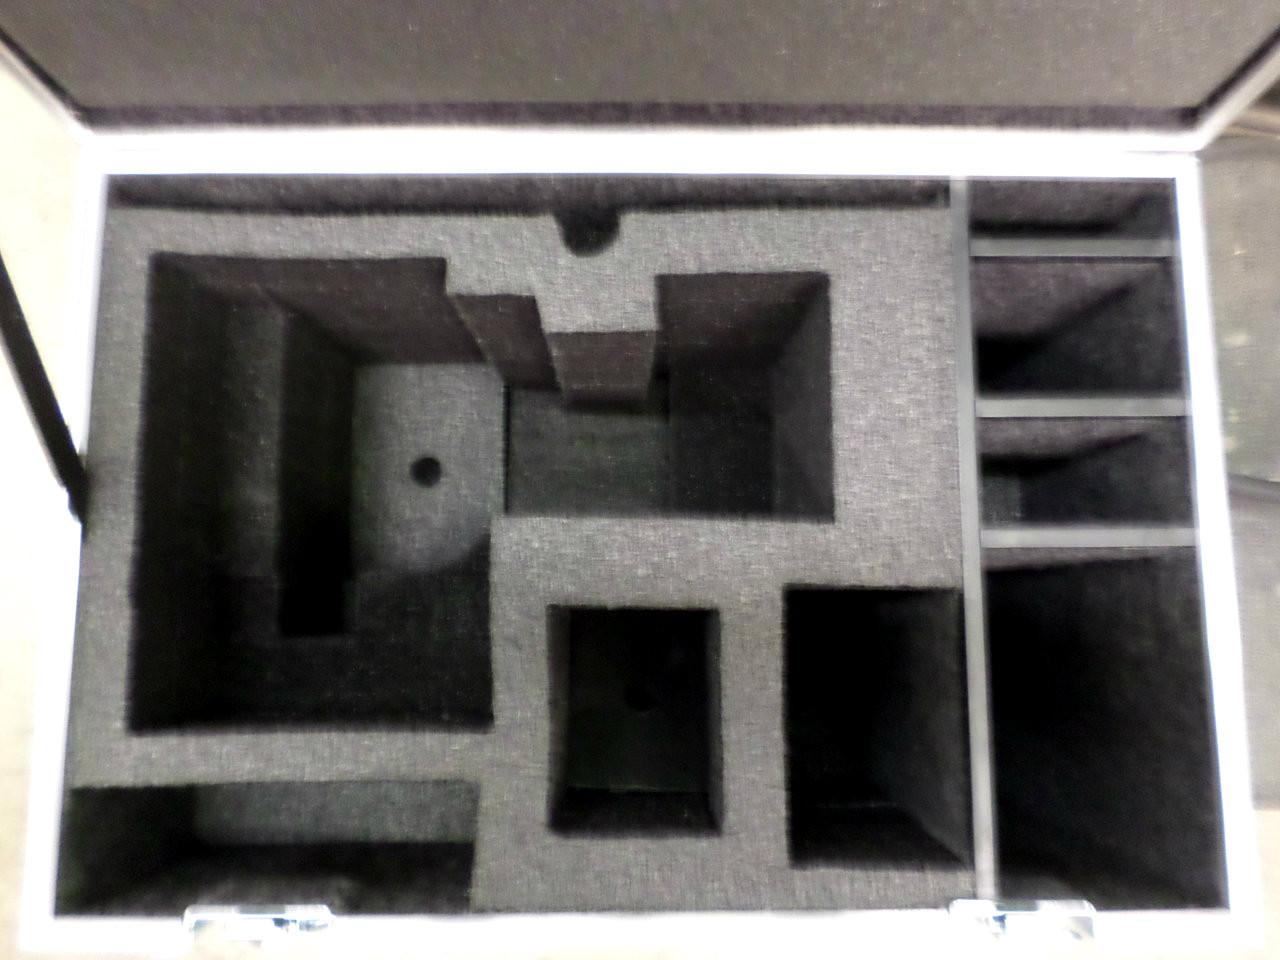 ARRI Amira Camera (Fully Built)